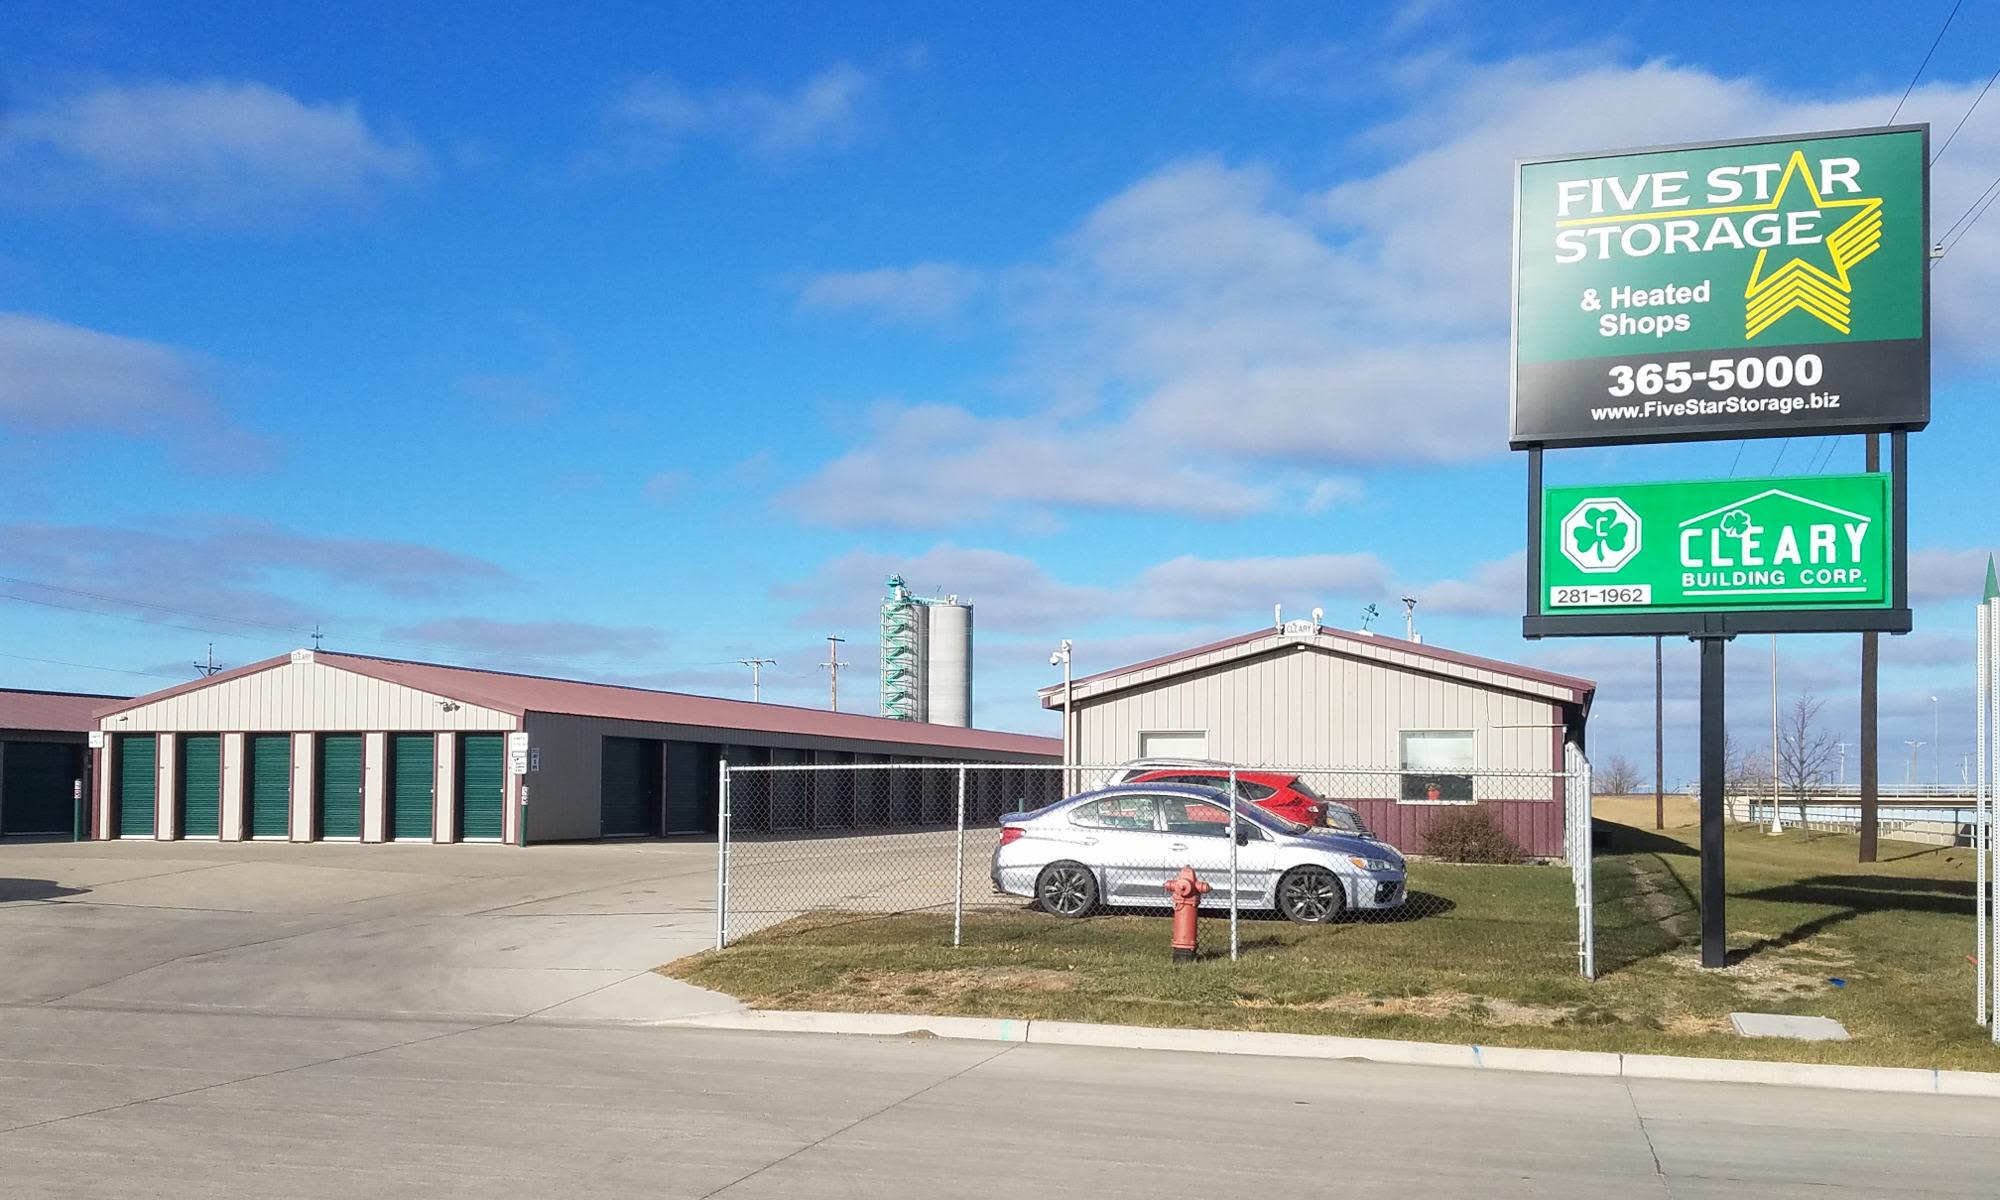 Self Storage in West Fargo, ND